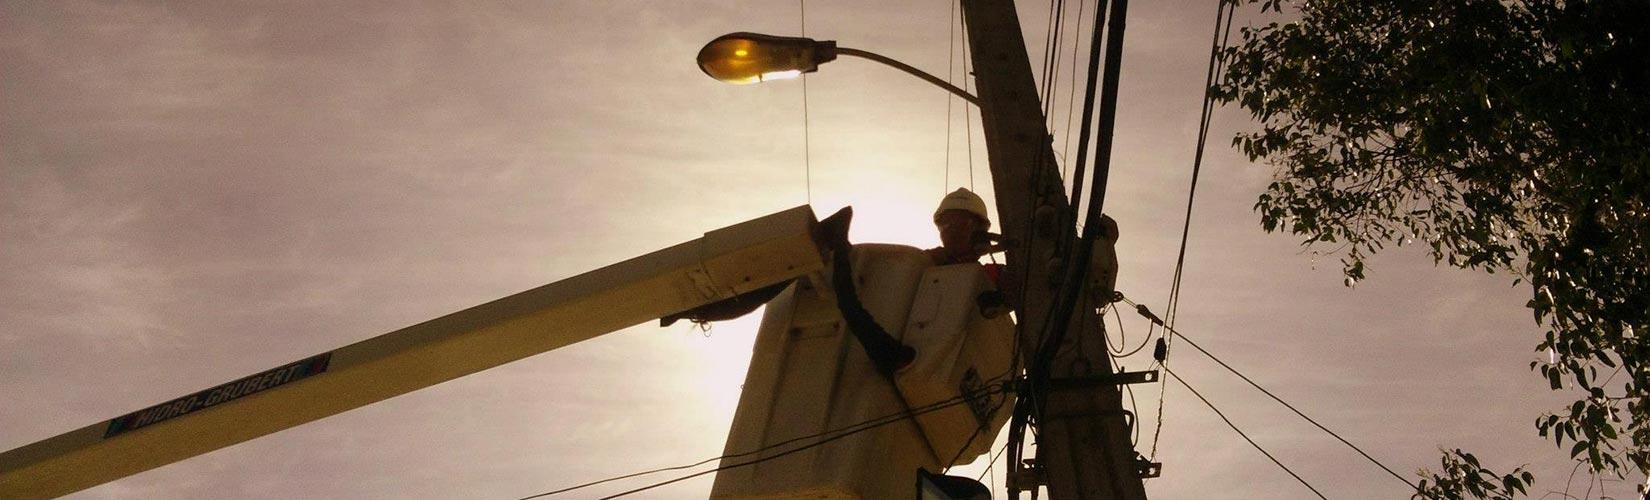 Construcción y Mantención Eléctrica